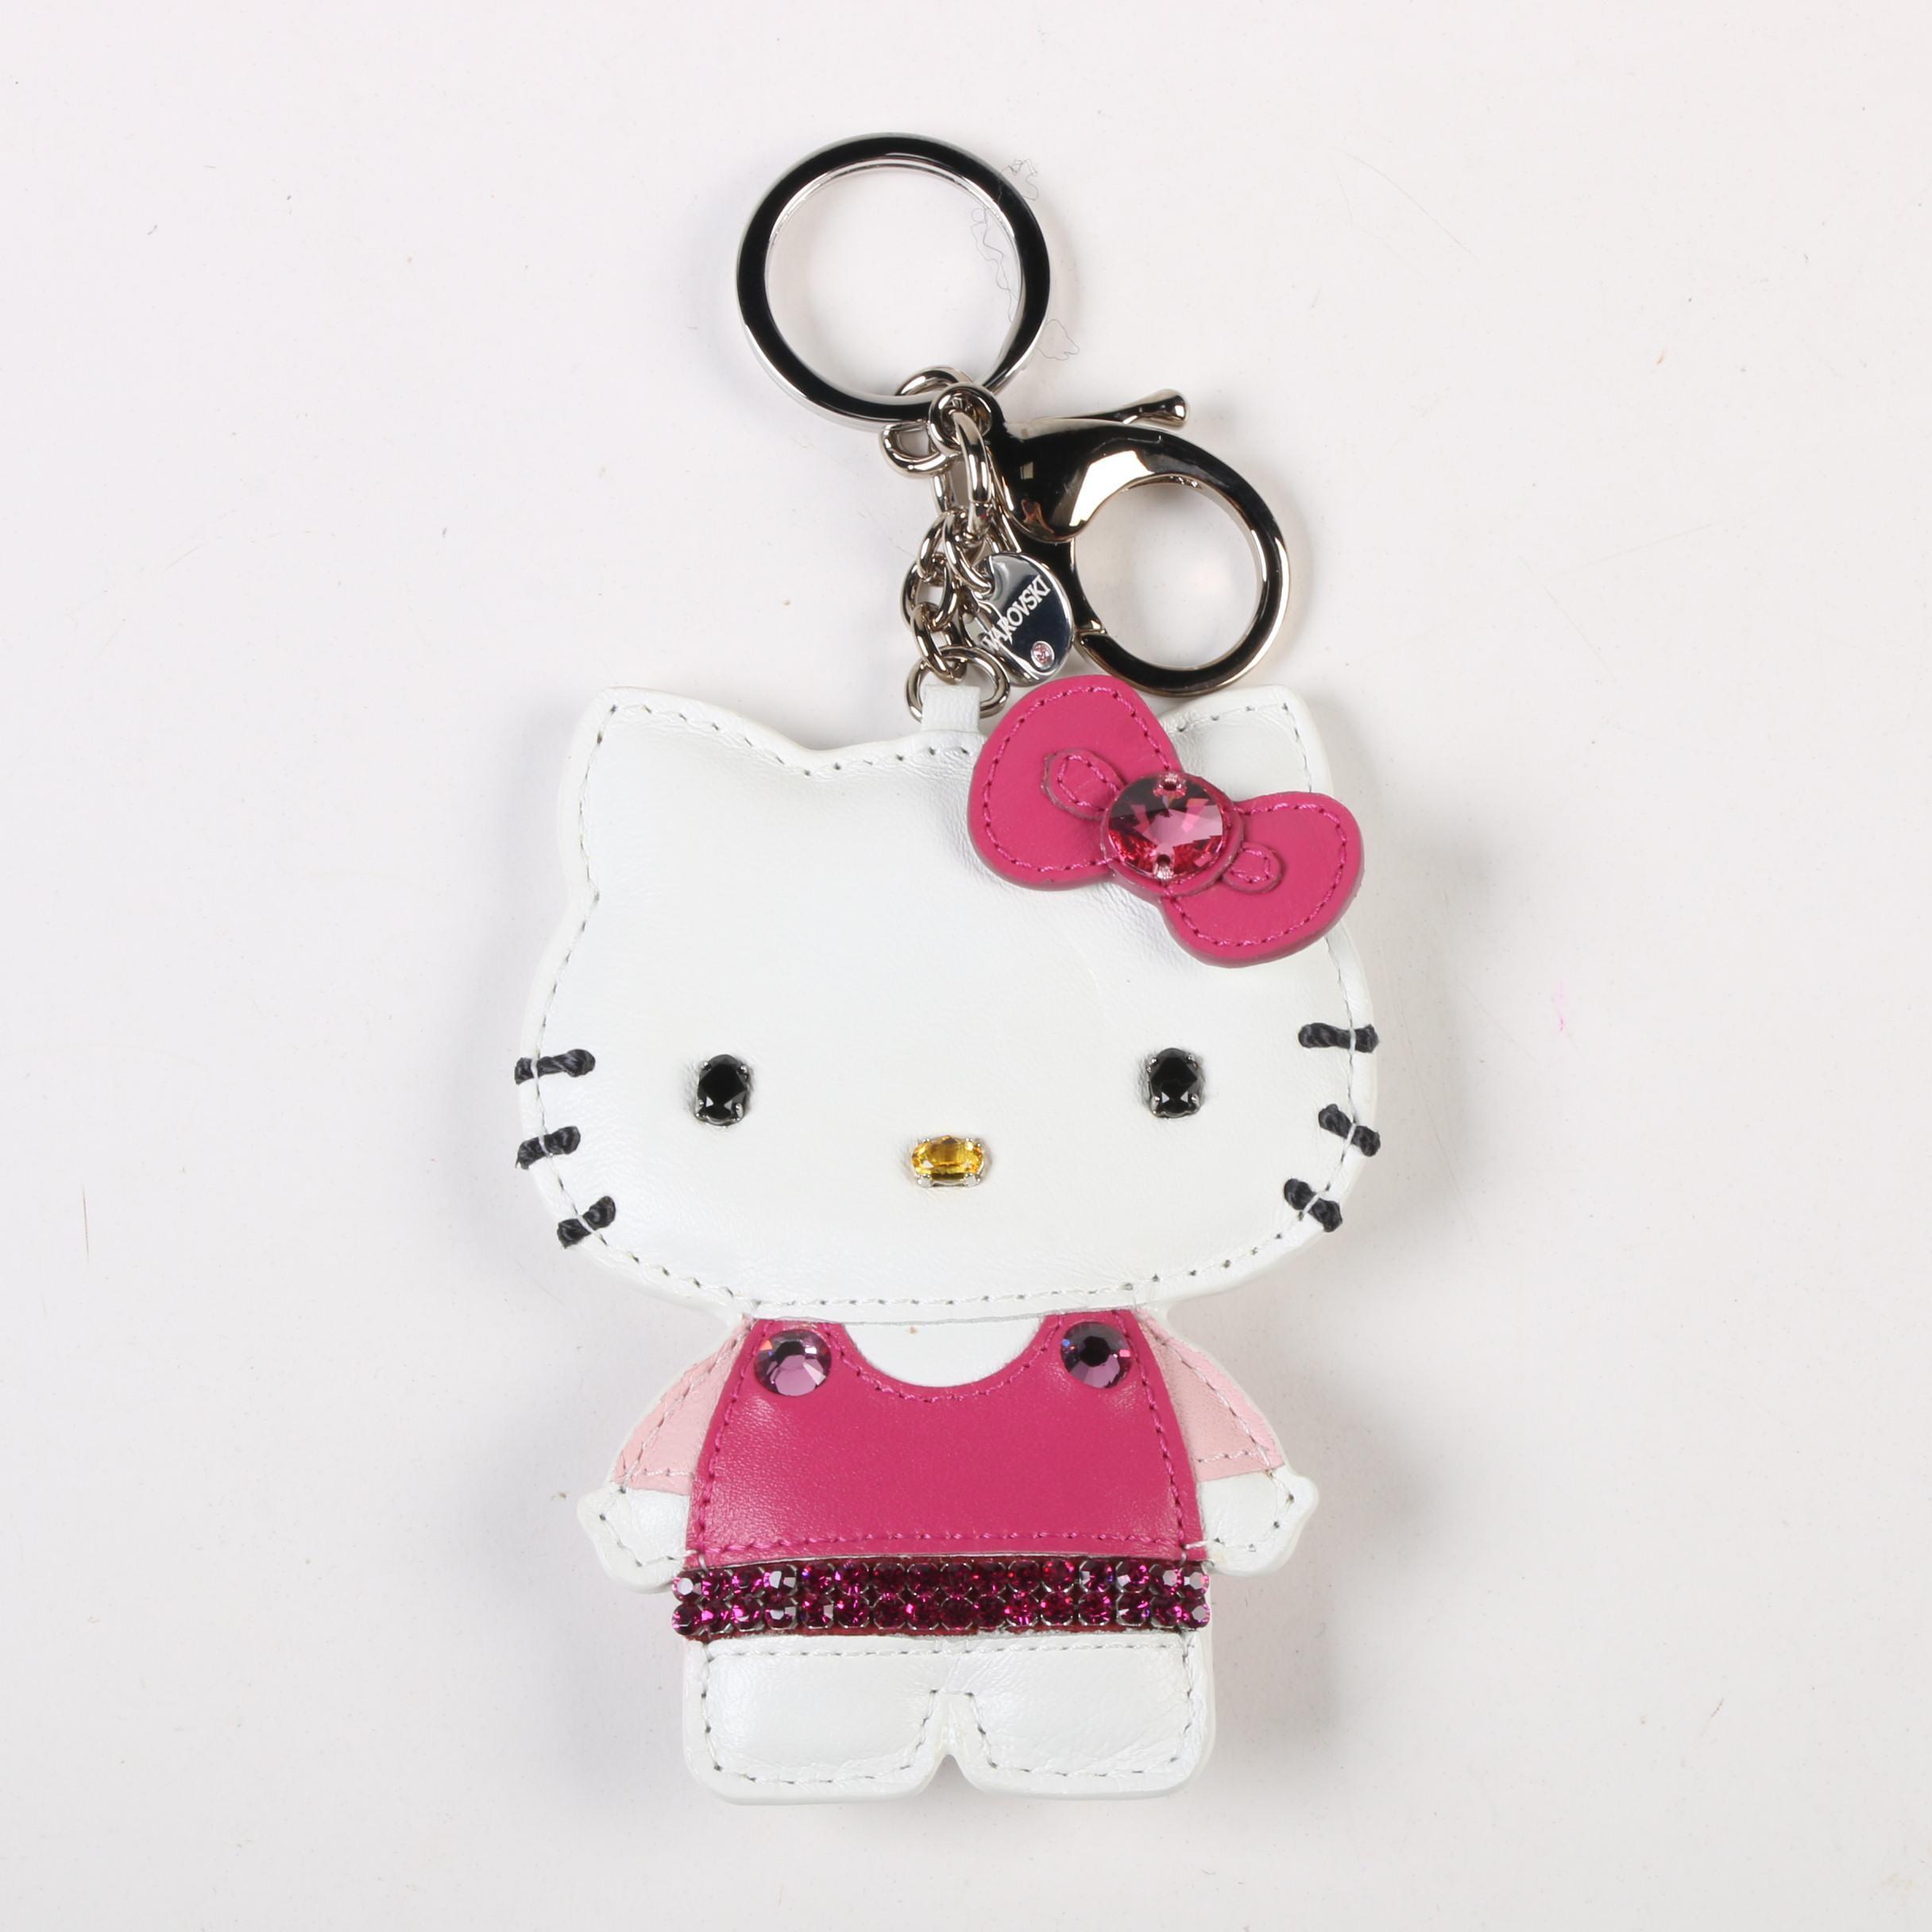 Swarovski Hello Kitty Leather Bag Charm Key Holder